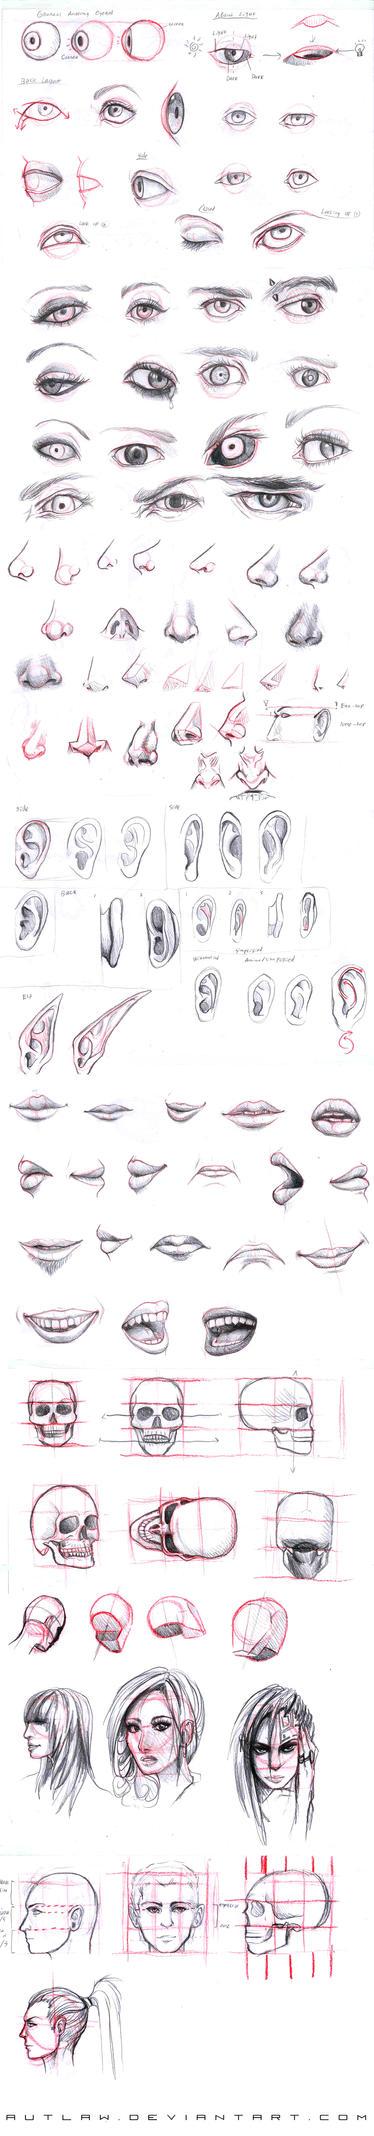 Studies part 1 by Autlaw